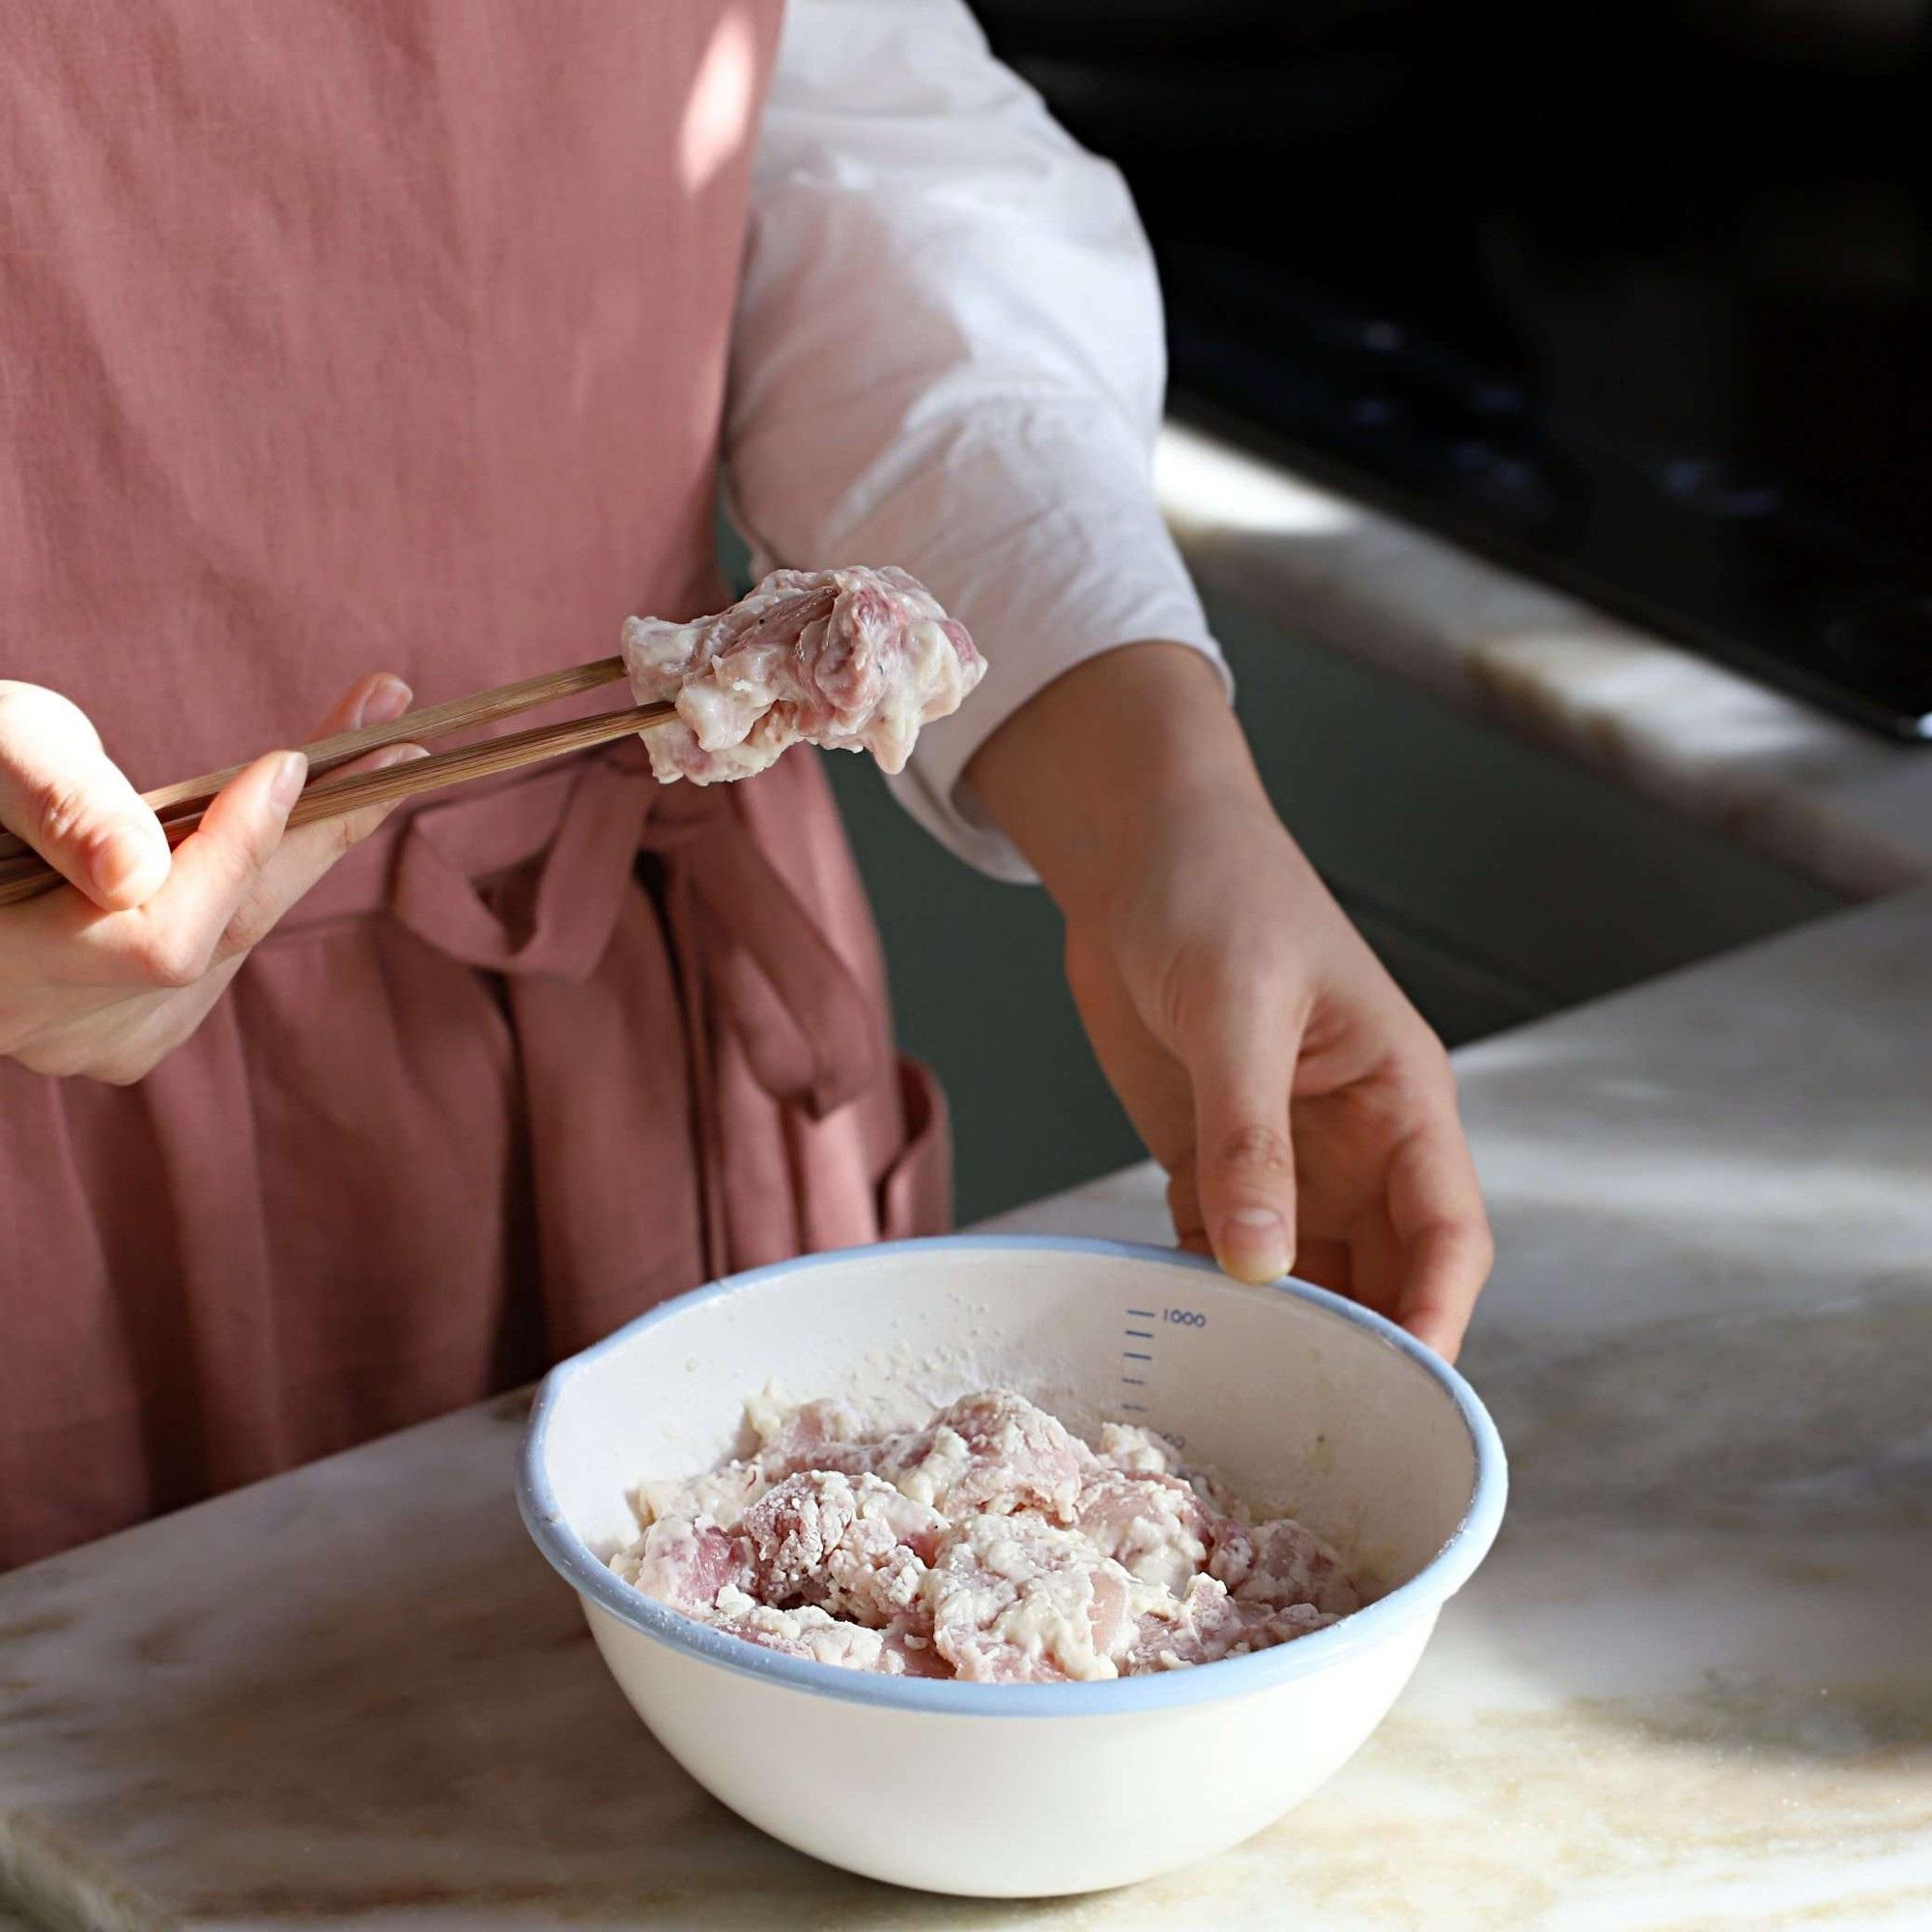 Không phải mất tiền khi đi ăn gà chiên nước tương kiểu Hàn bên ngoài nữa vì công thức cực chuẩn đây rồi! - Ảnh 3